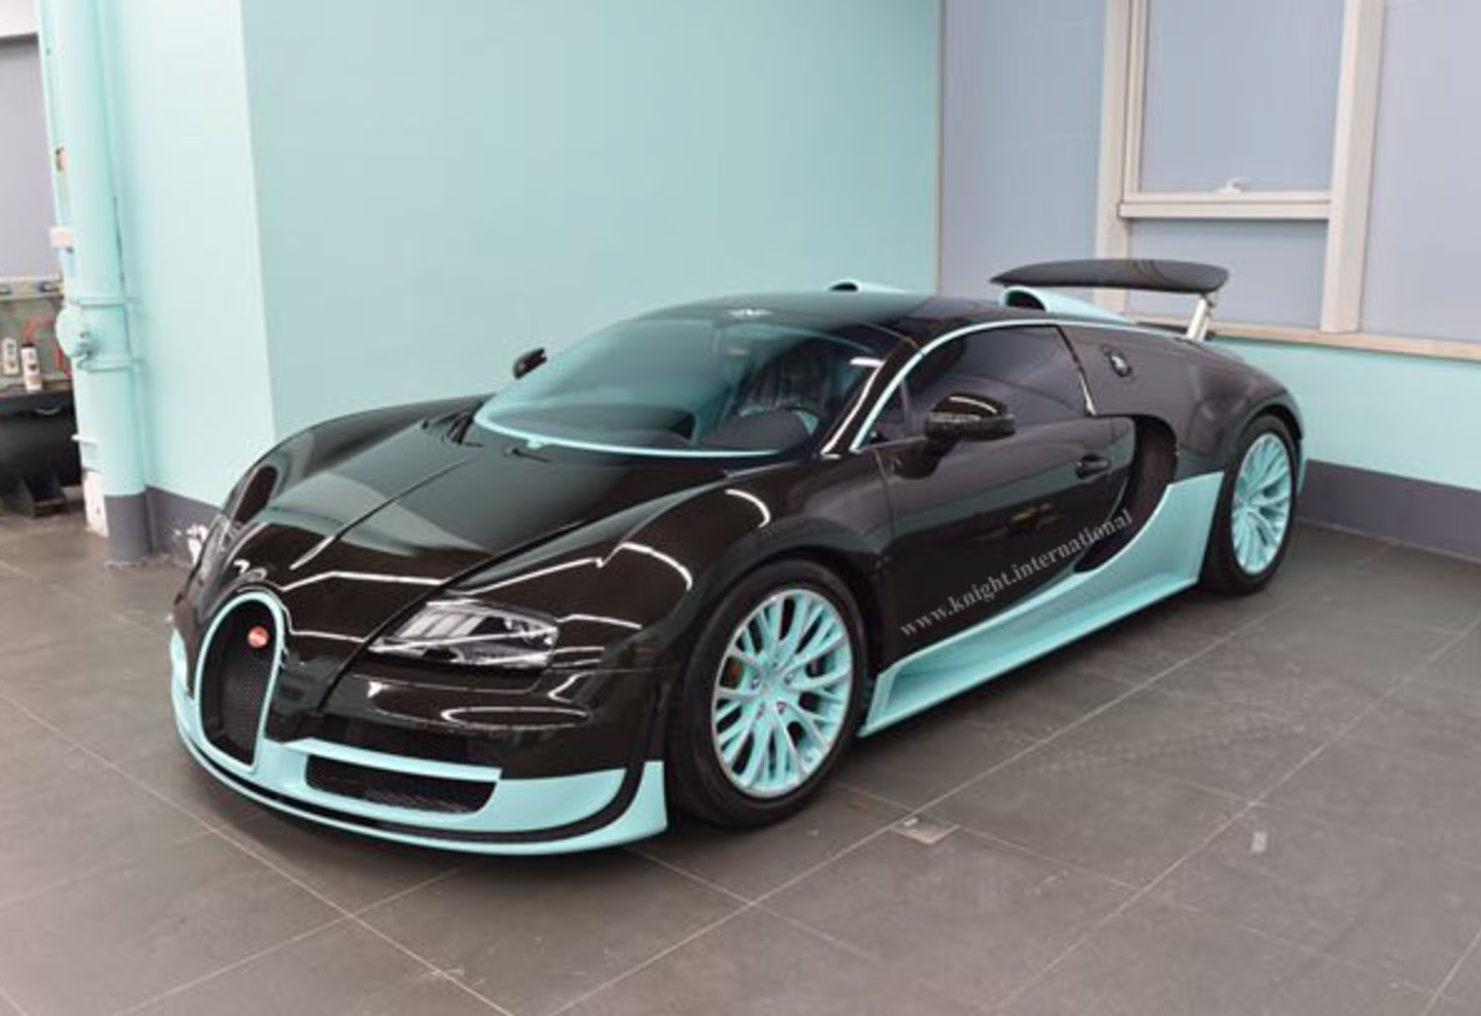 Tiffany Co Bugatti Veyron 1 Of 1 Exotic Car List